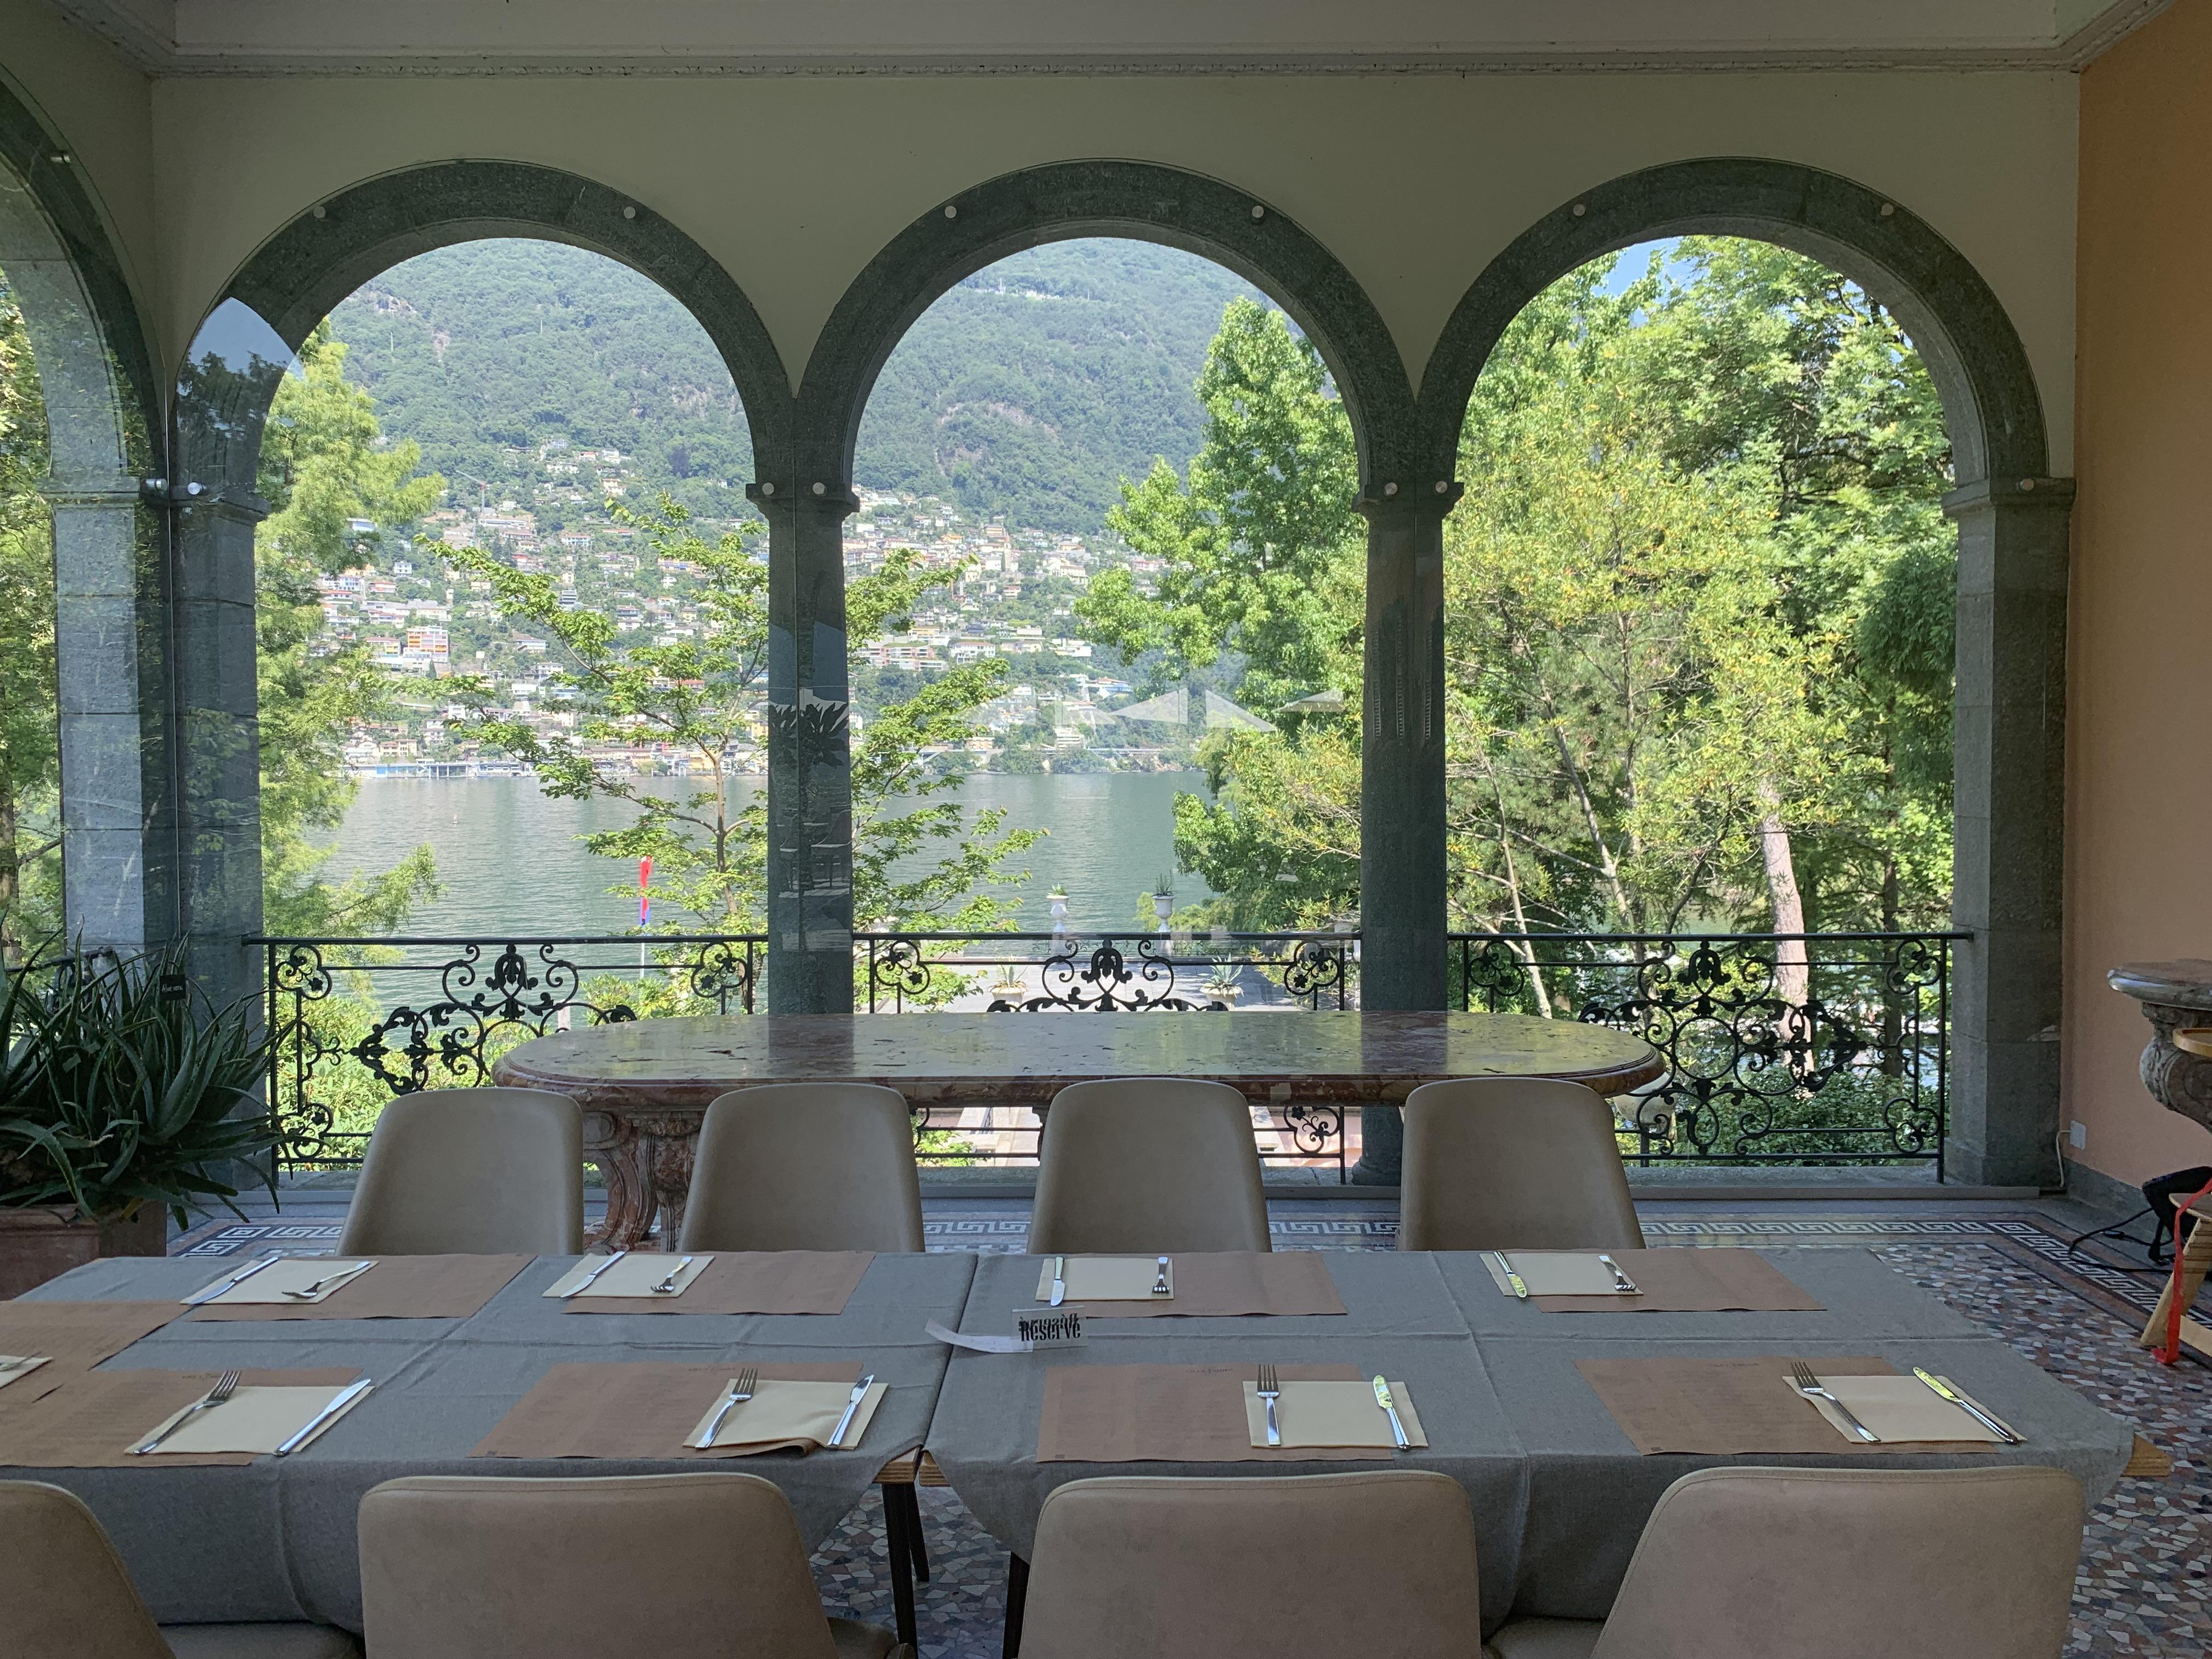 Área interna do restaurante, com altas vistas